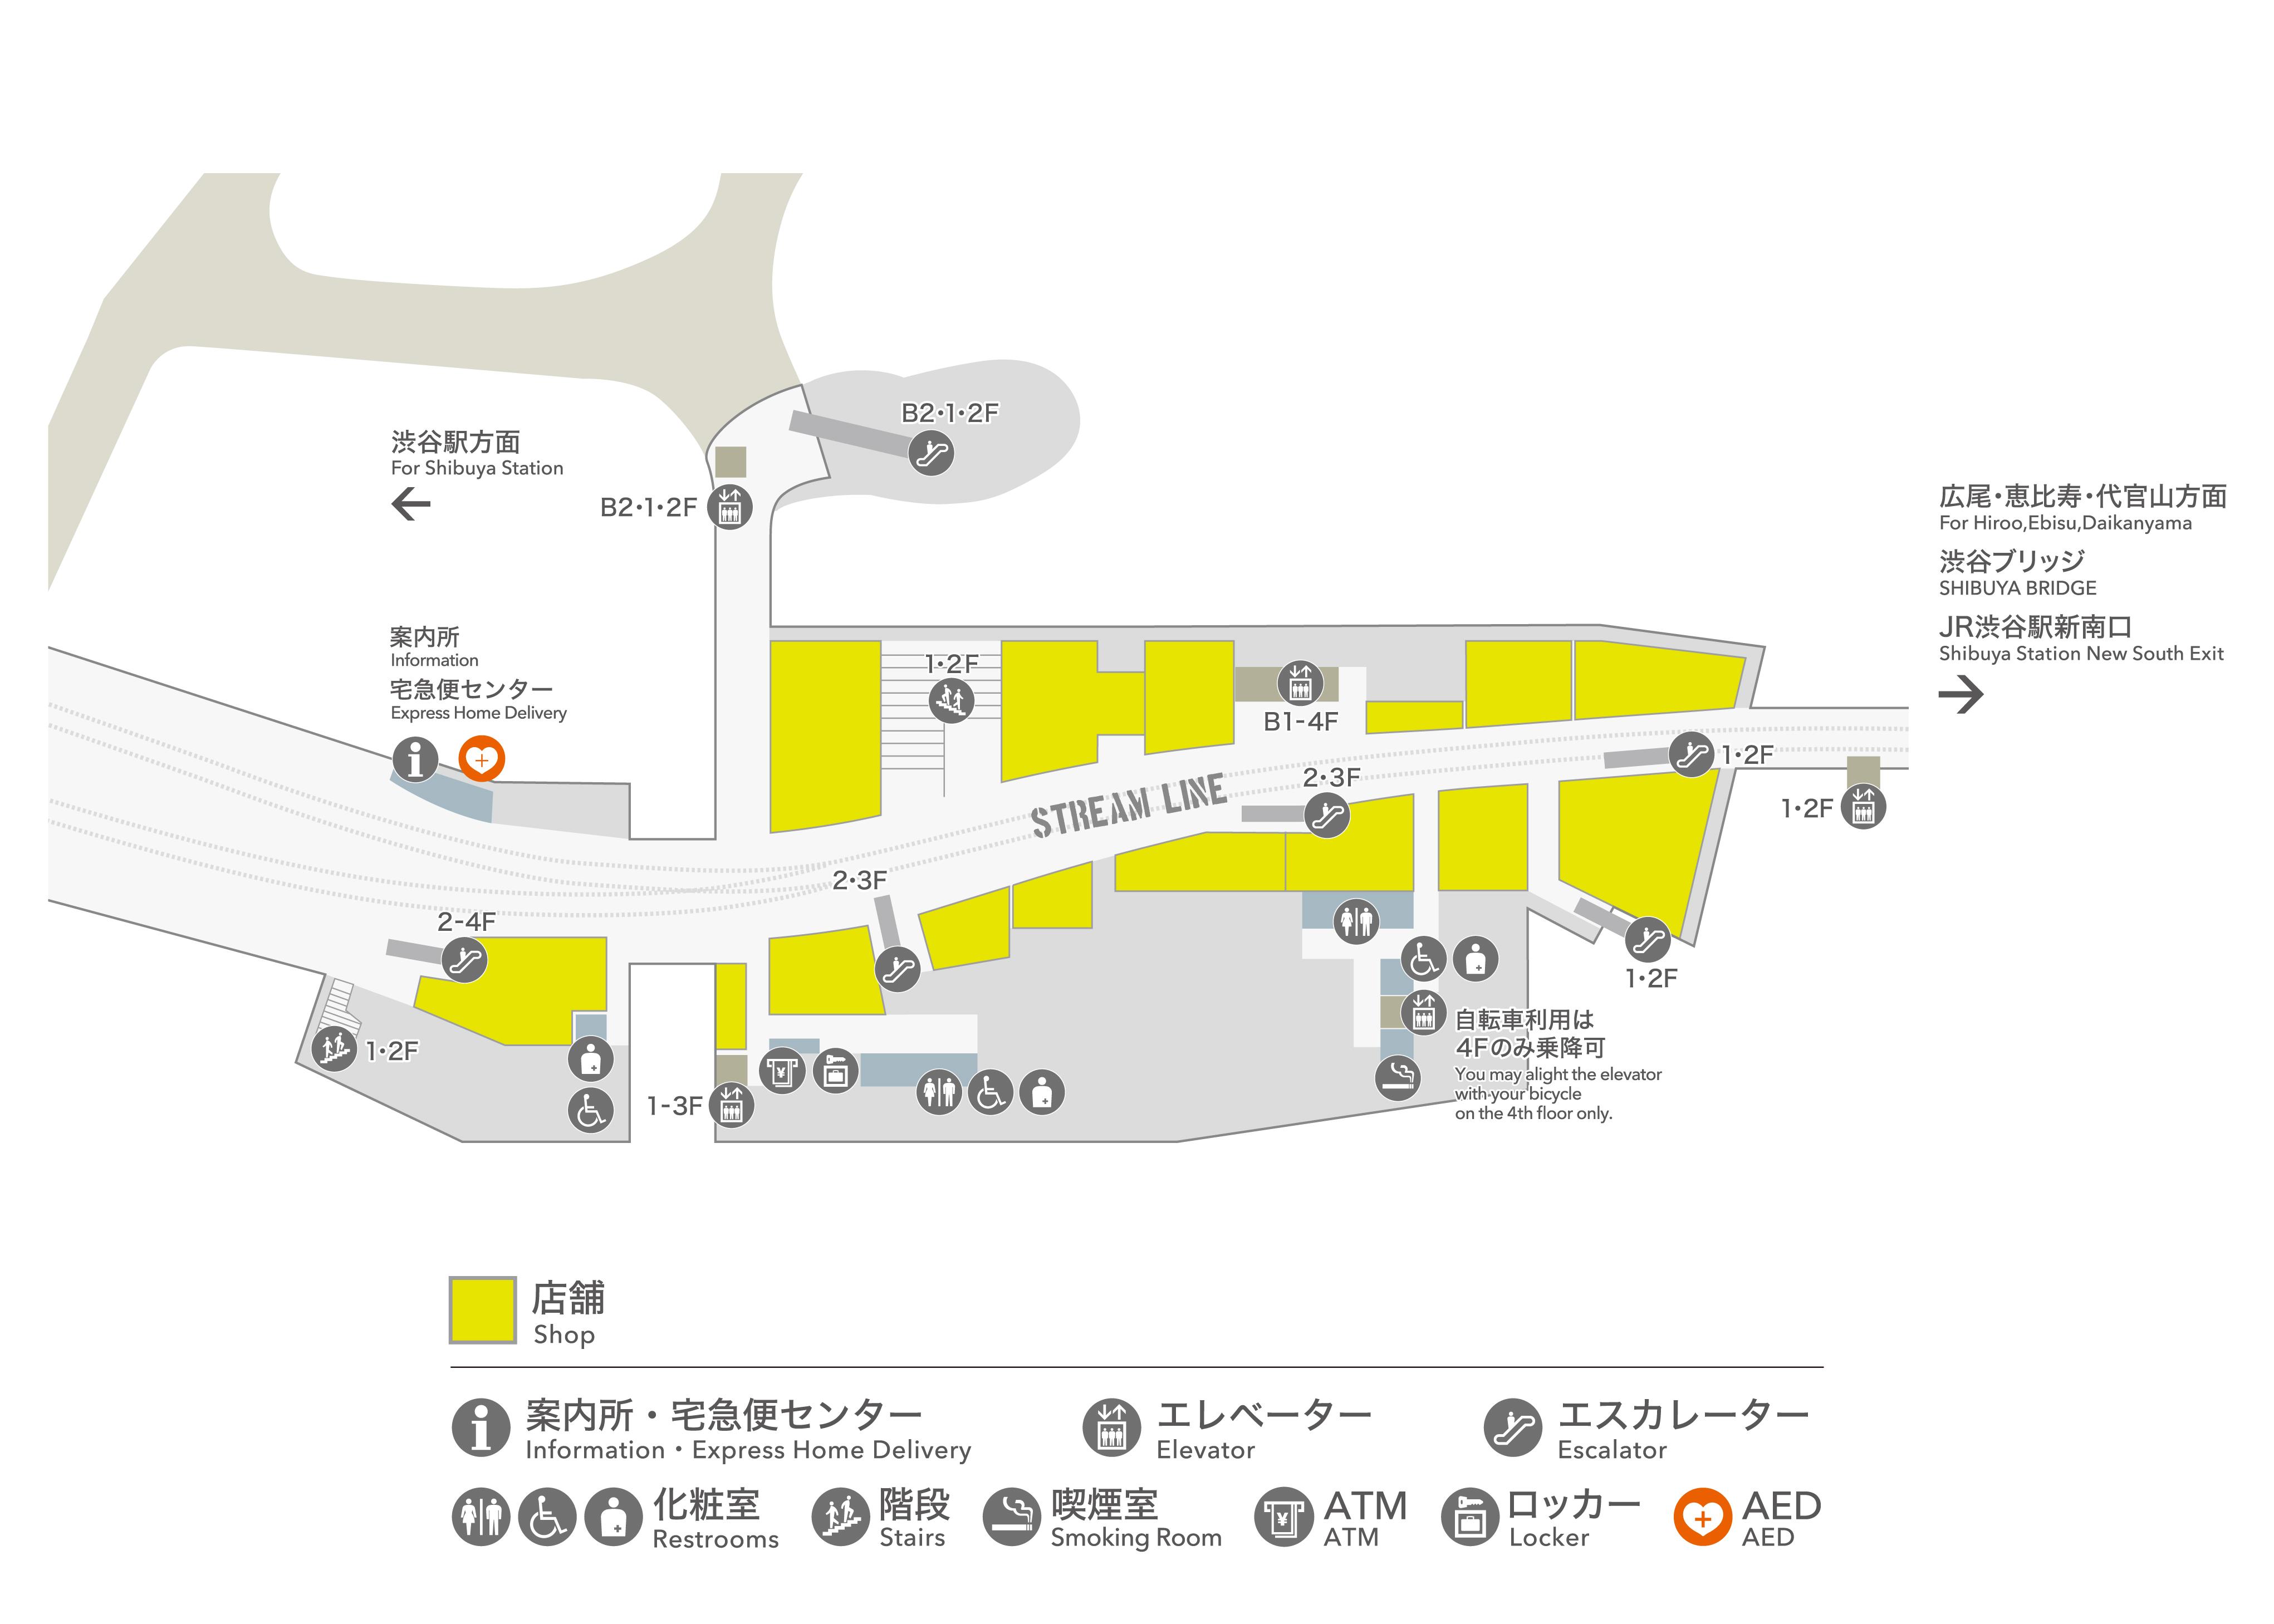 渋谷ストリーム フロアマップ 2階